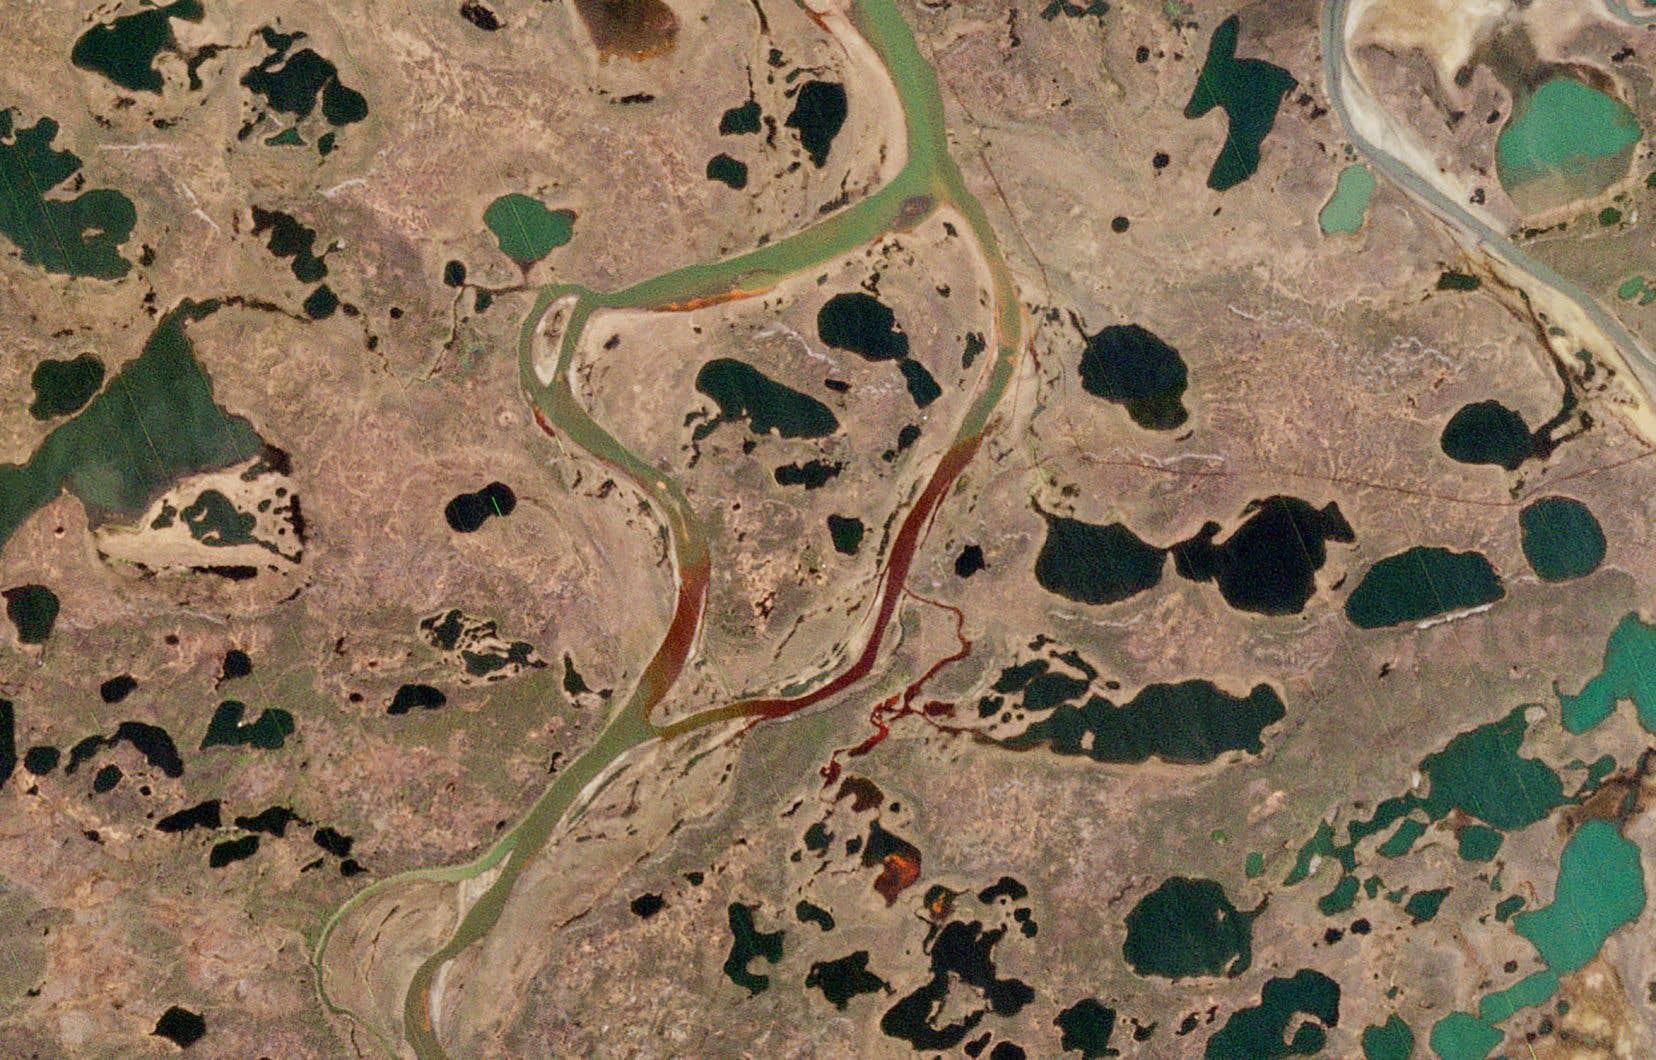 Le 29 mai, 21 000 tonnes de carburant contenu dans un réservoir appartenant au groupe minier russe Norilsk Nickel se sont déversées dans la rivière Ambarnaïa et les terrains alentour, après la rupture des piliers soutenant l'édifice. Cette image aérienne montre la dispersion du diésel.